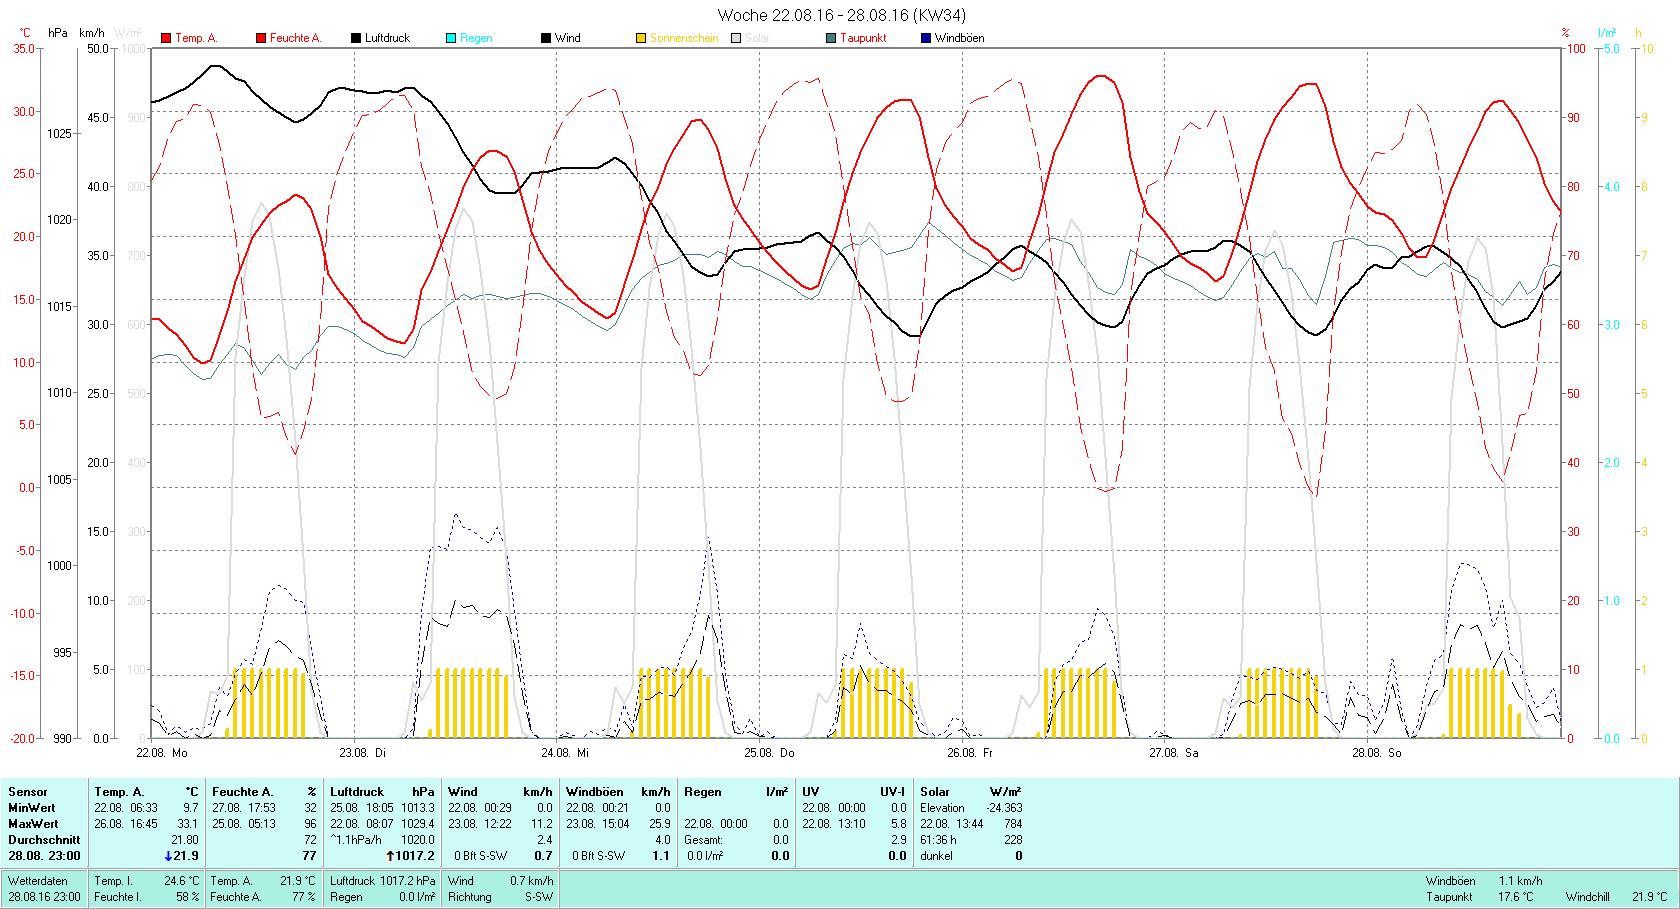 KW 34 Tmin 9.7°C, Tmax 33.1°C, Sonne 50:13h, Niederschlag 0.0mm/2